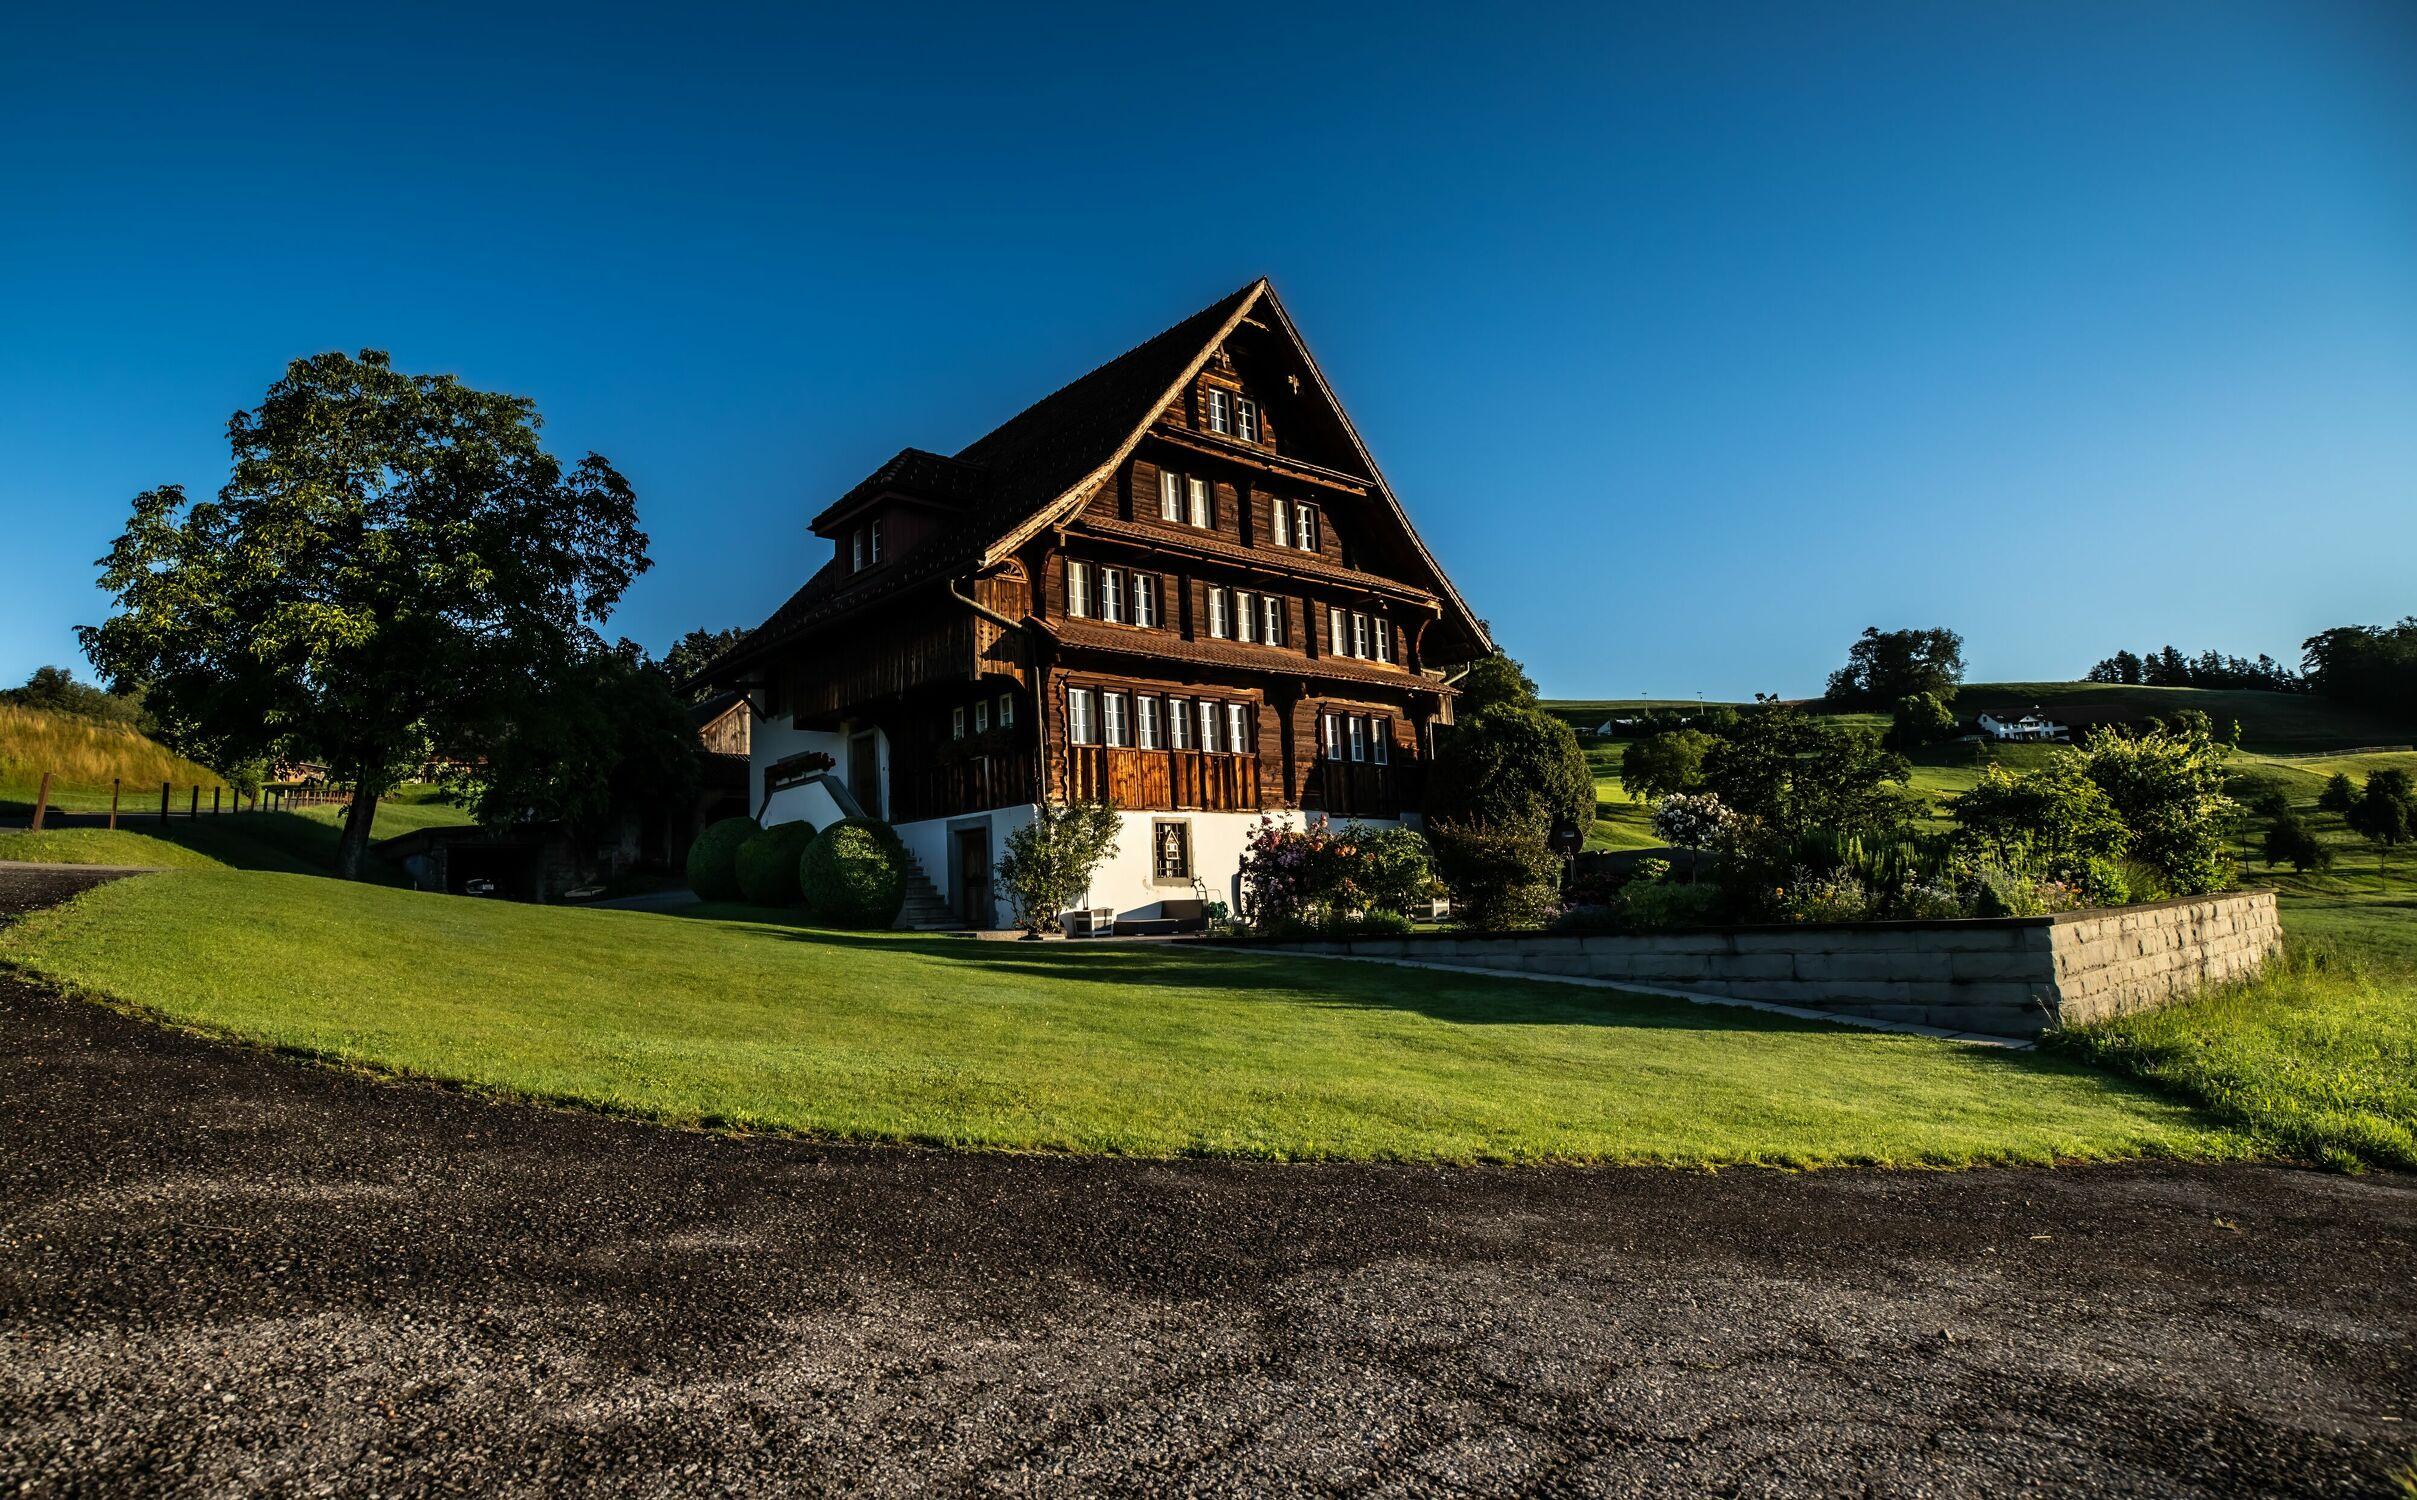 Bild mit Landschaften, Landschaft und Architektur, Bauernhaus